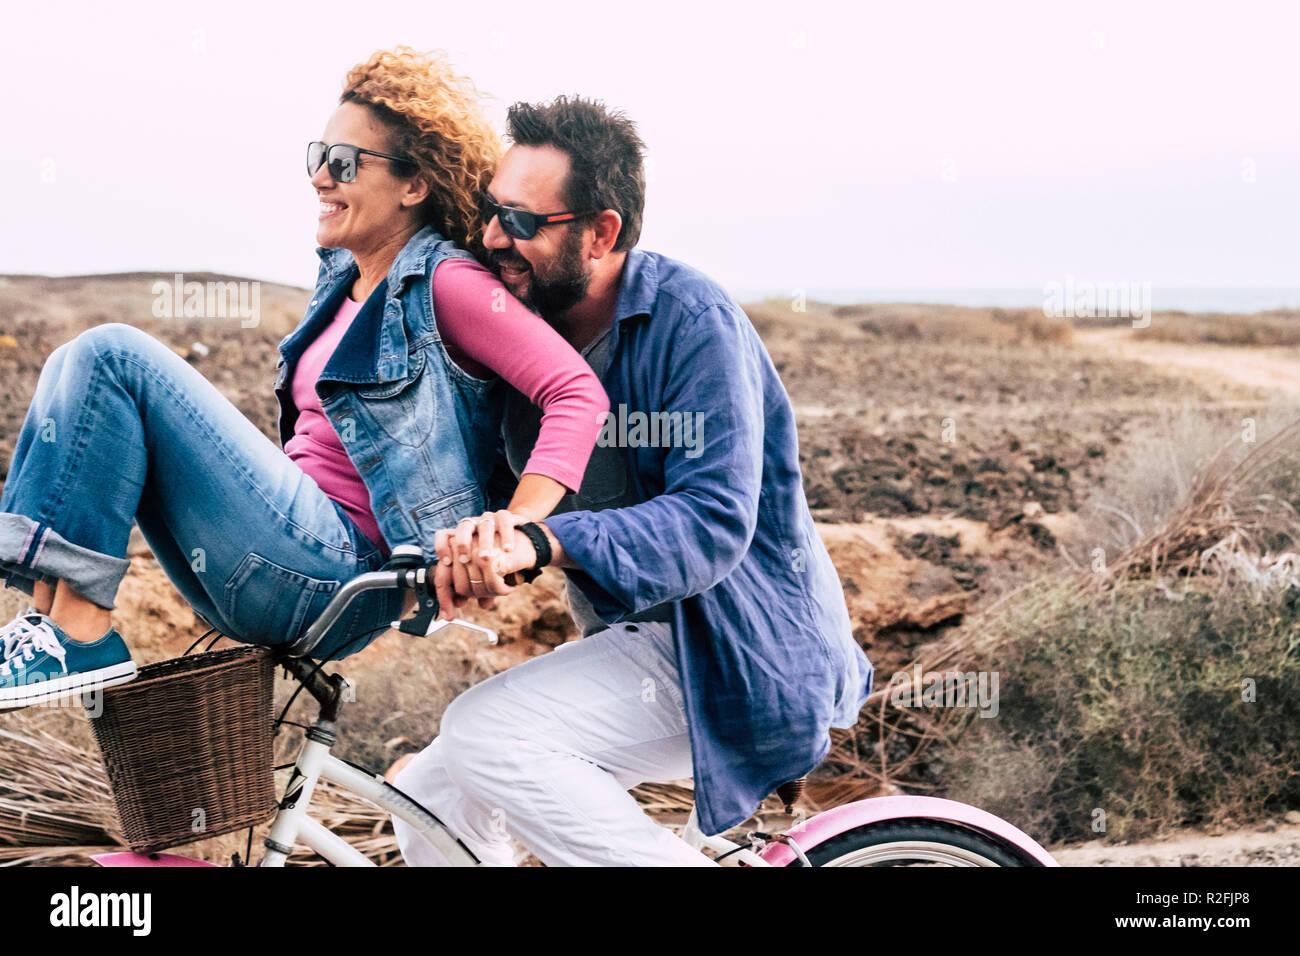 Adulto felice caucasici, giovane divertendosi con la bicicletta nel tempo libero attività. concetto di active giocoso persone con bici durante le vacanze - gioia quotidiana Stile di vita senza limitazioni di età - portare l uomo donna e tanto divertimento e ridere un sacco con il vento in aria Immagini Stock